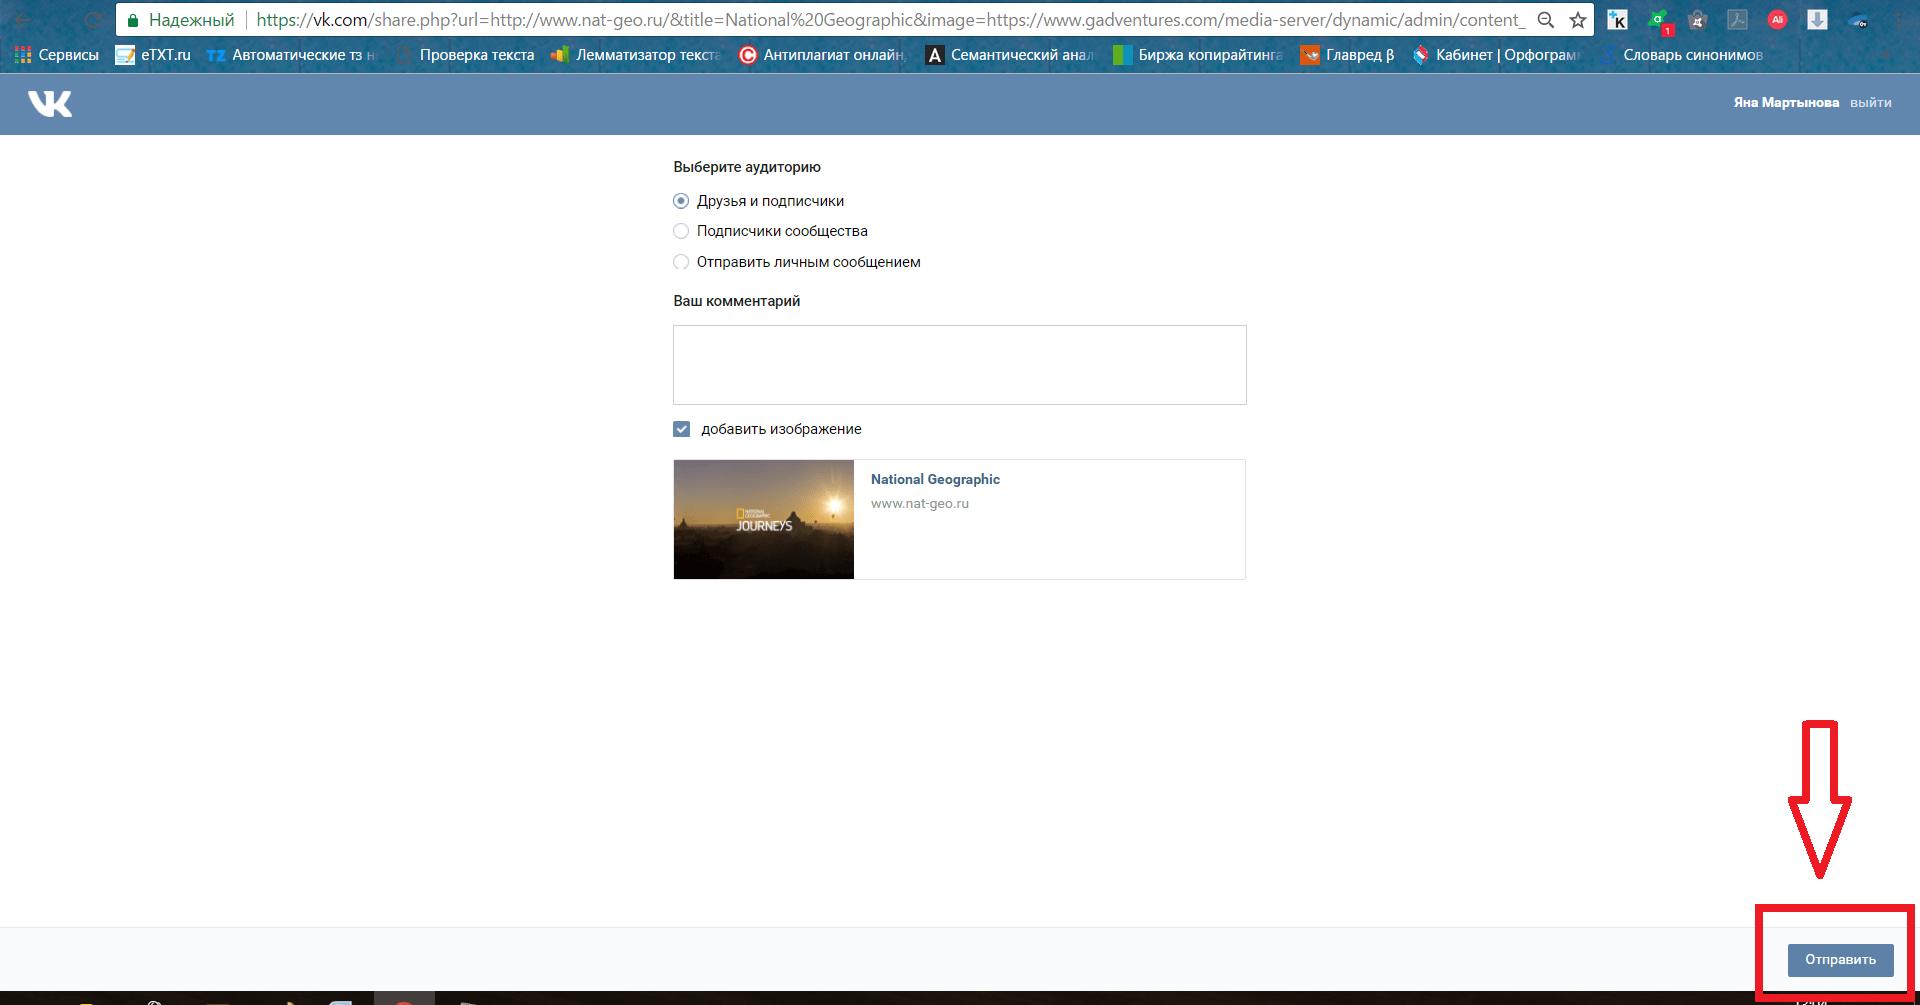 Копируем ссылку в адресную строку браузера